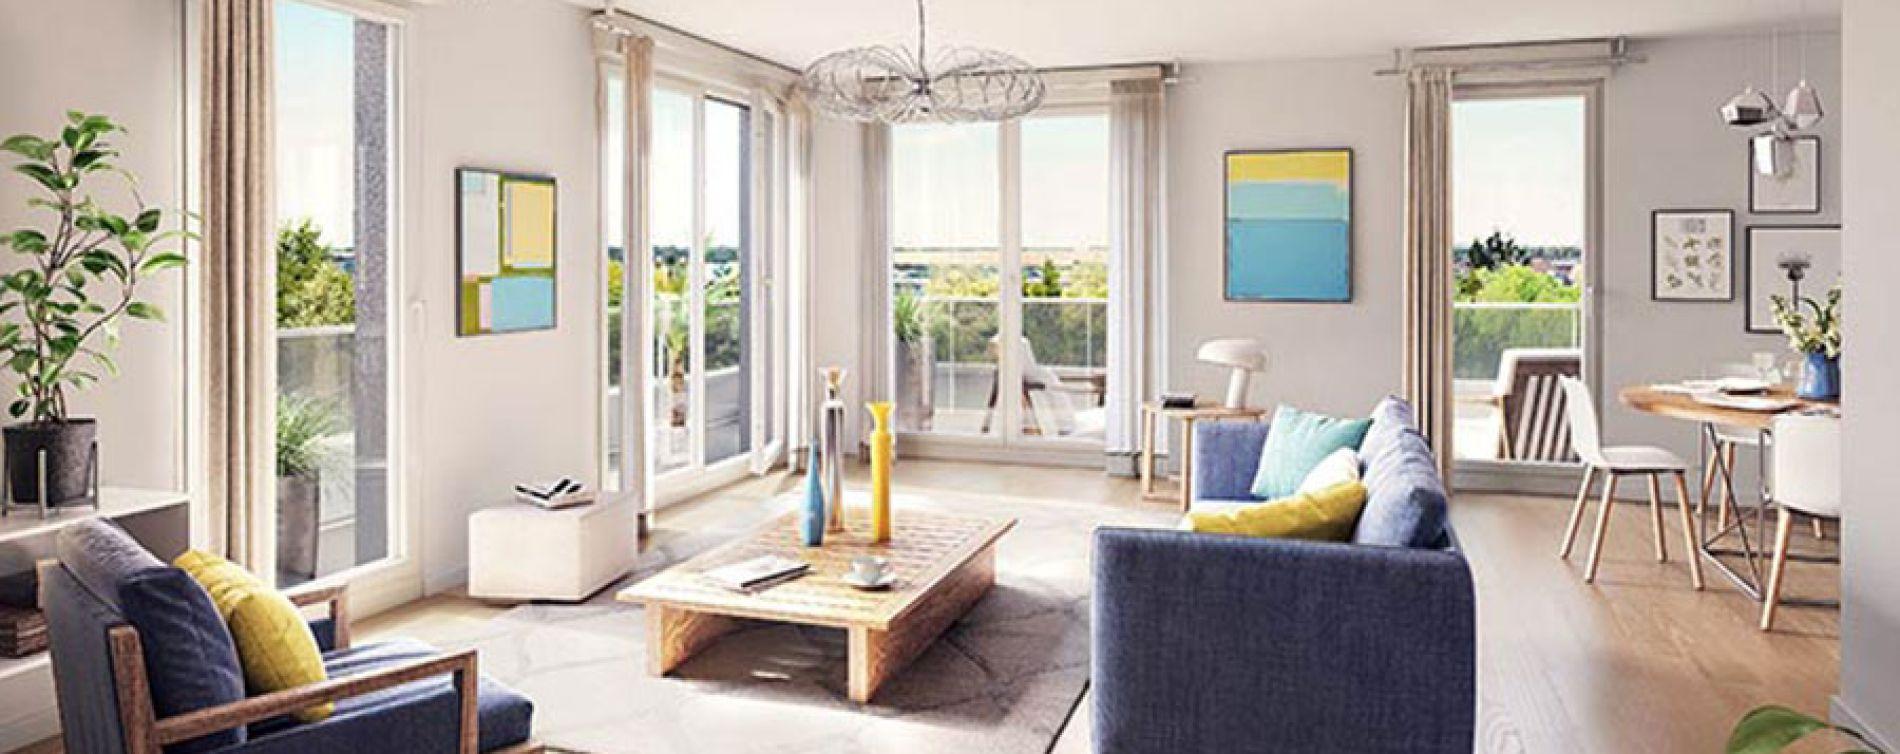 Amiens : programme immobilier neuve « Le 321 St Quentin » (3)